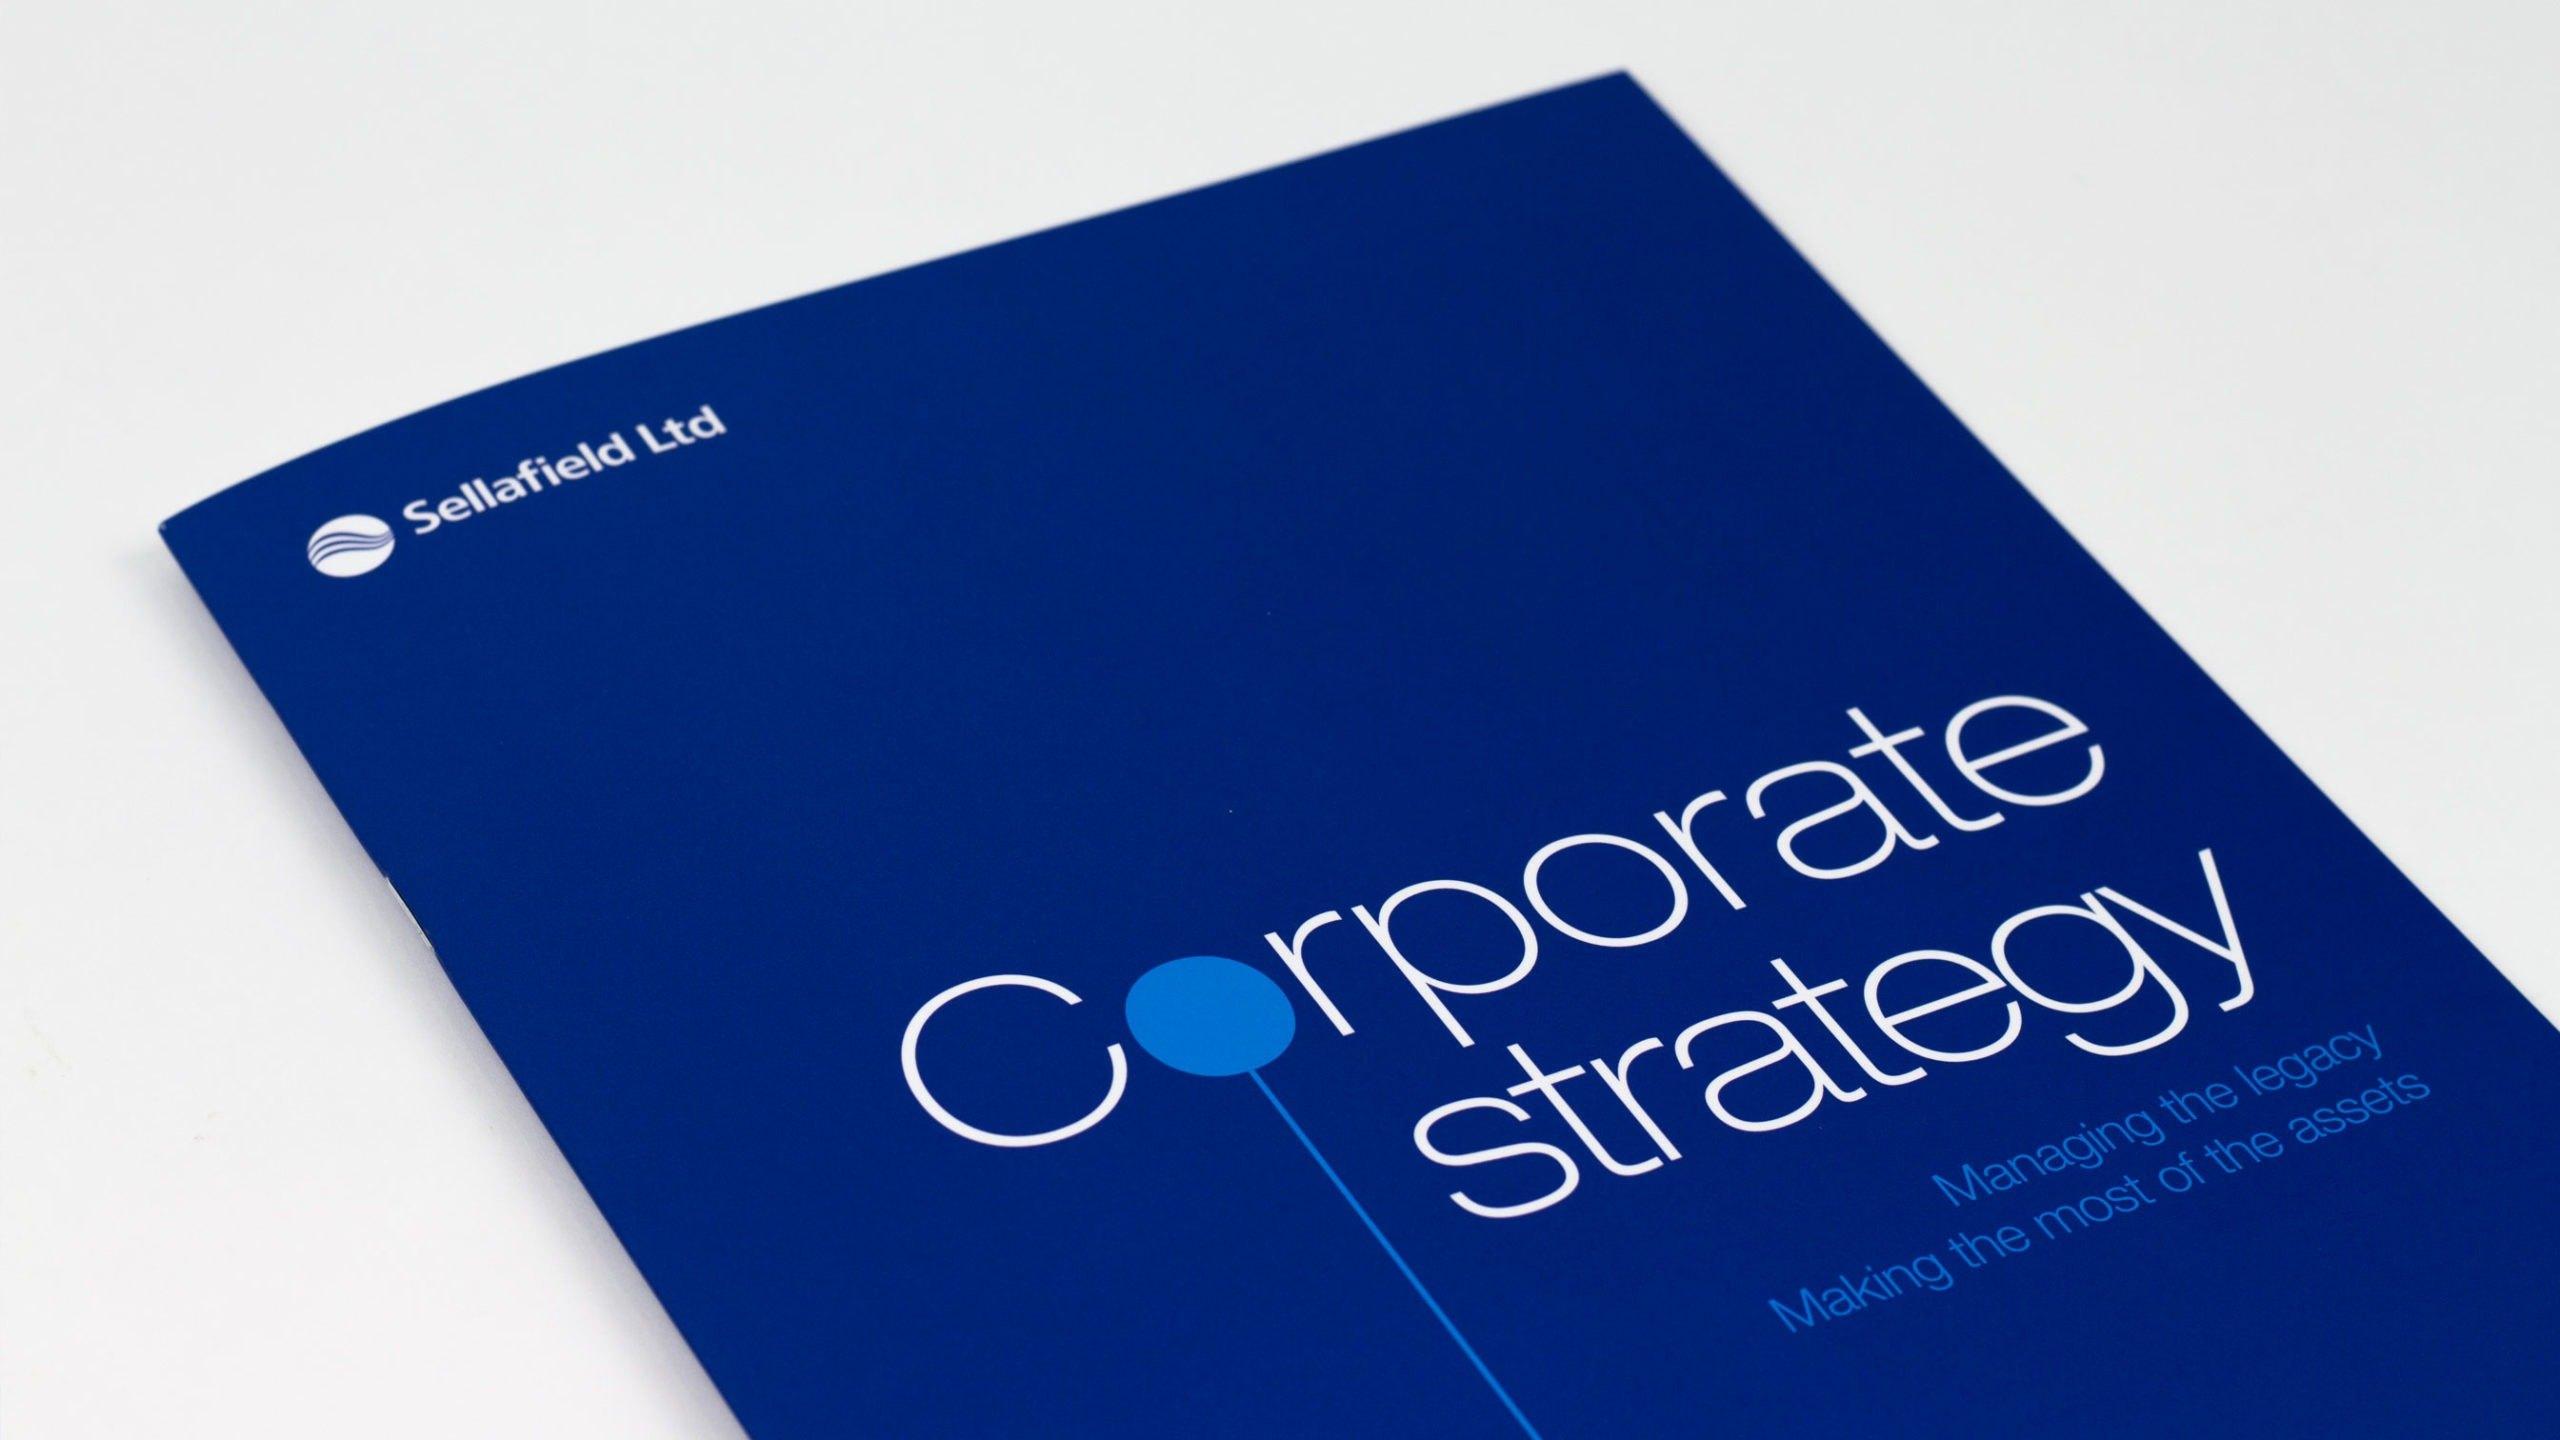 Sellafield Ltd Corporate strategy brochure cover